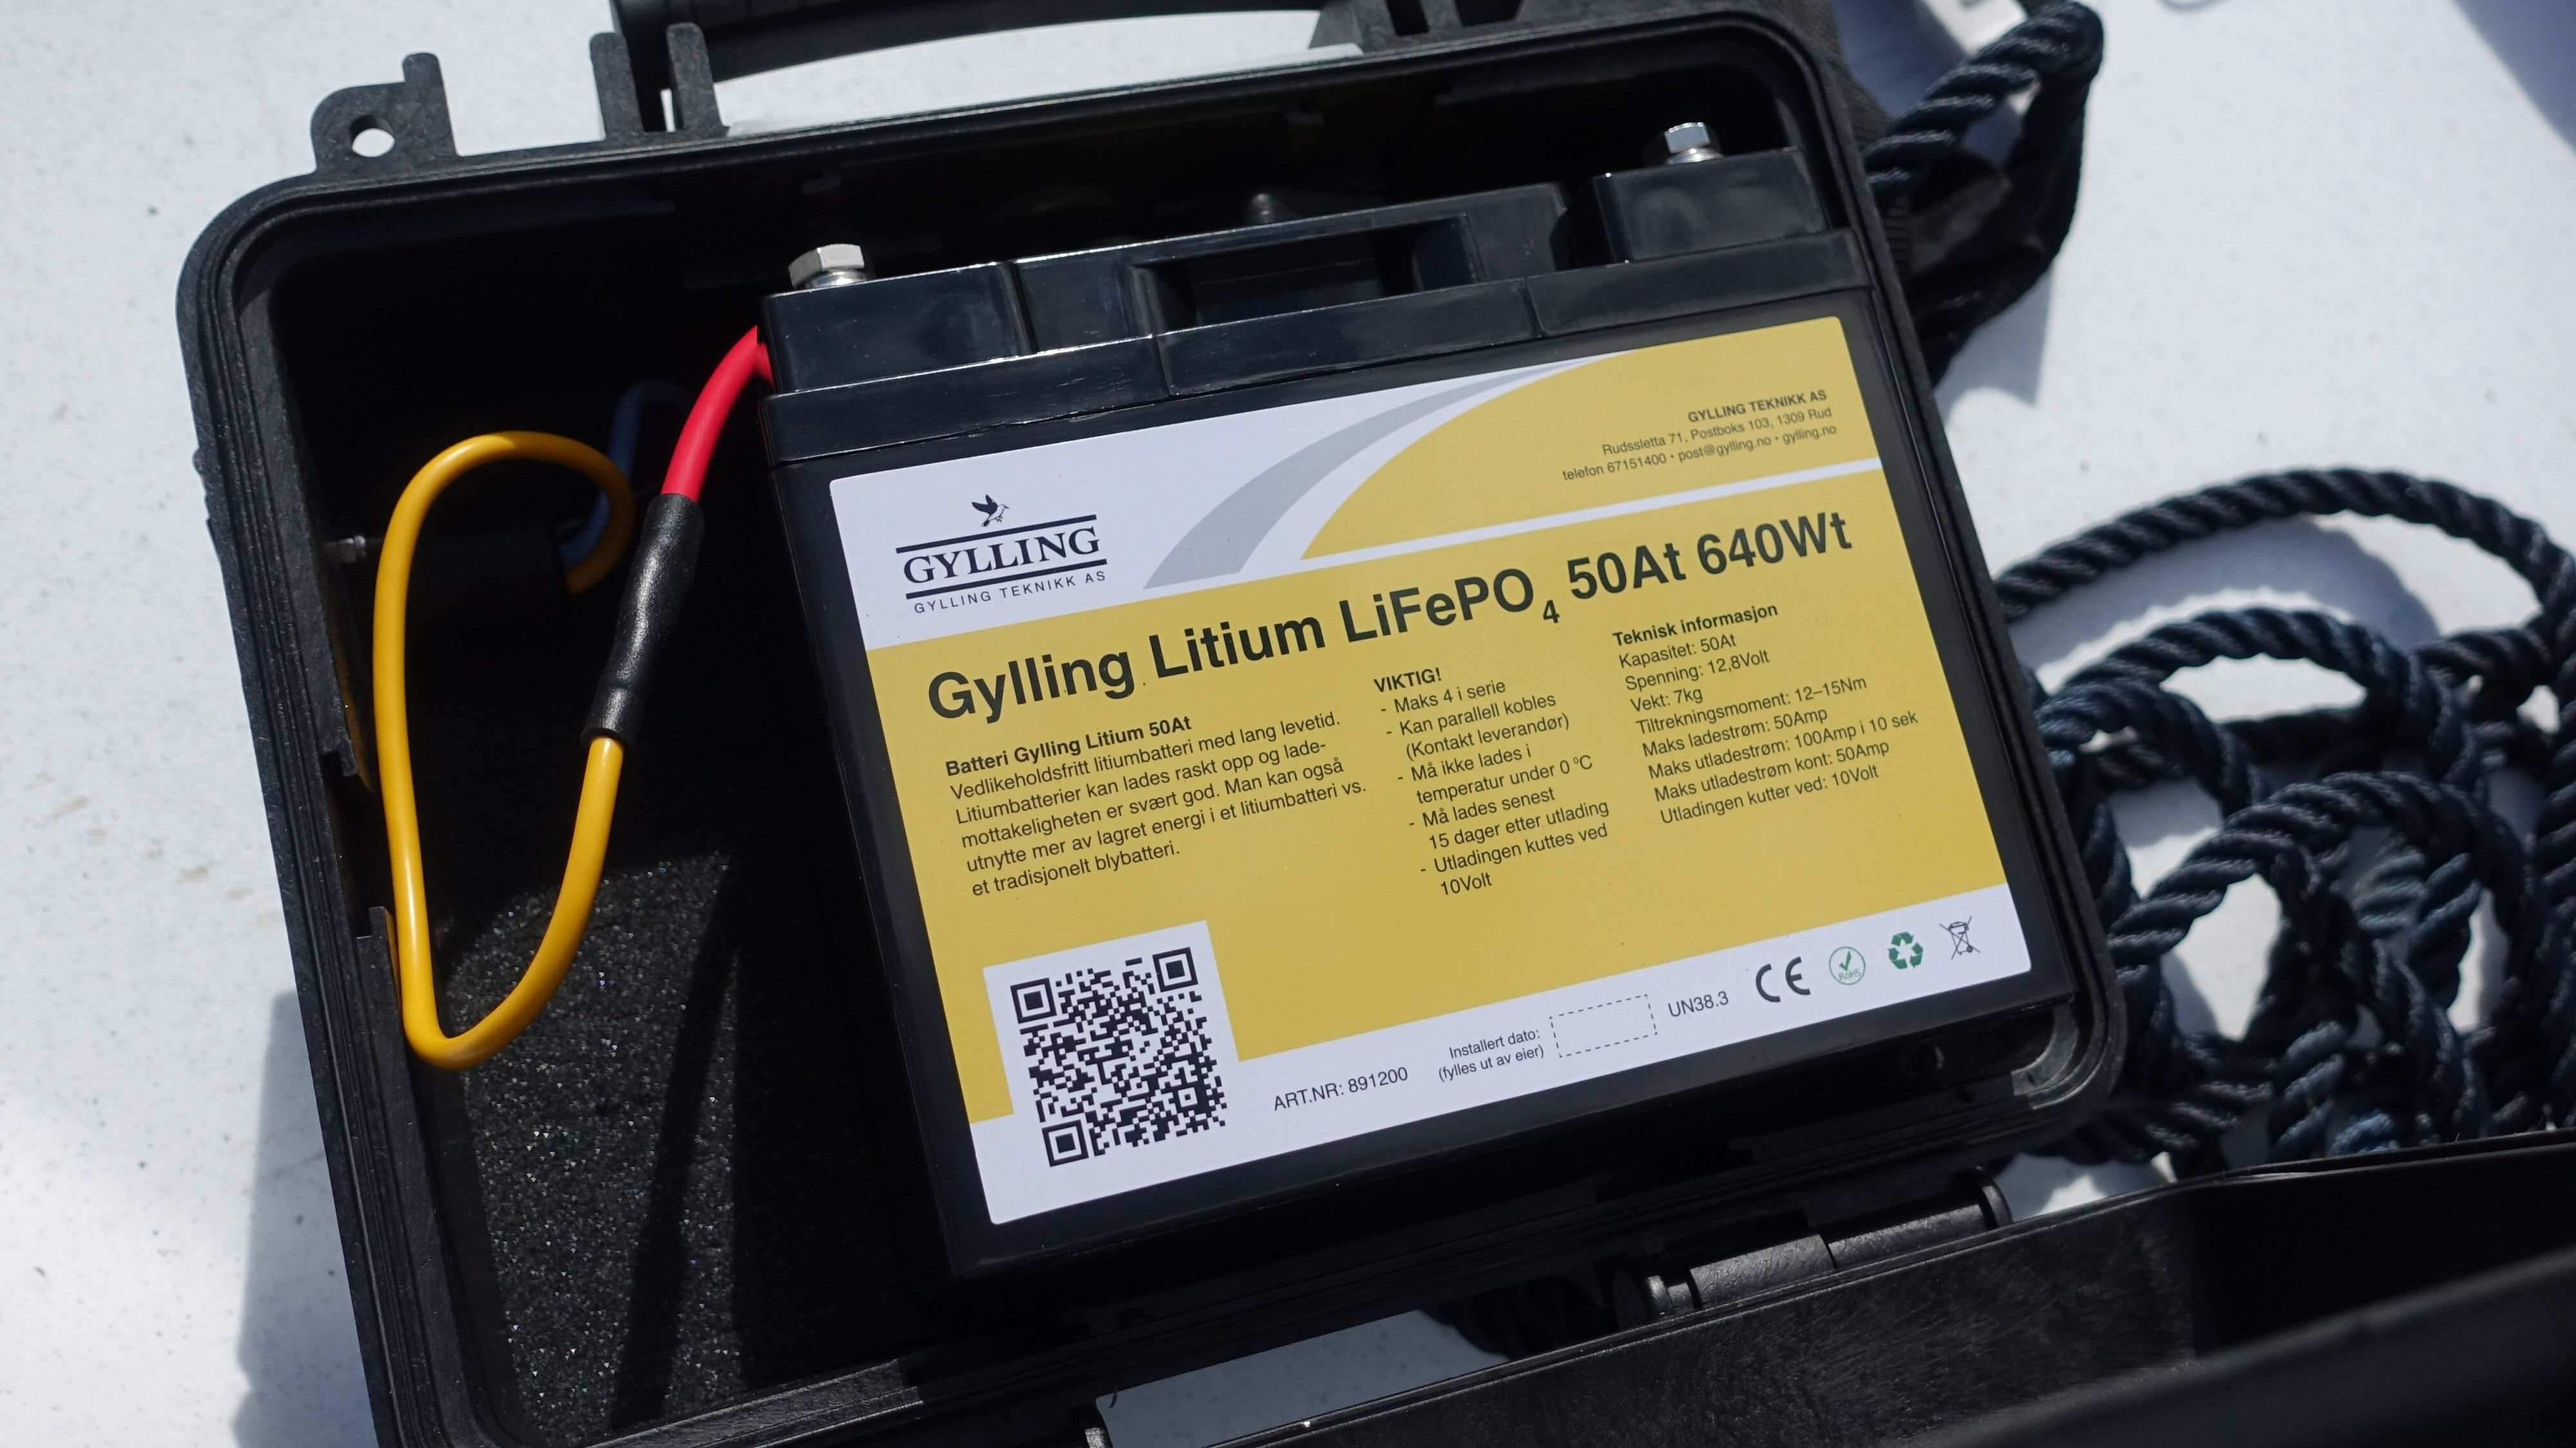 Slik ser batteriet ut inne i kofferten.